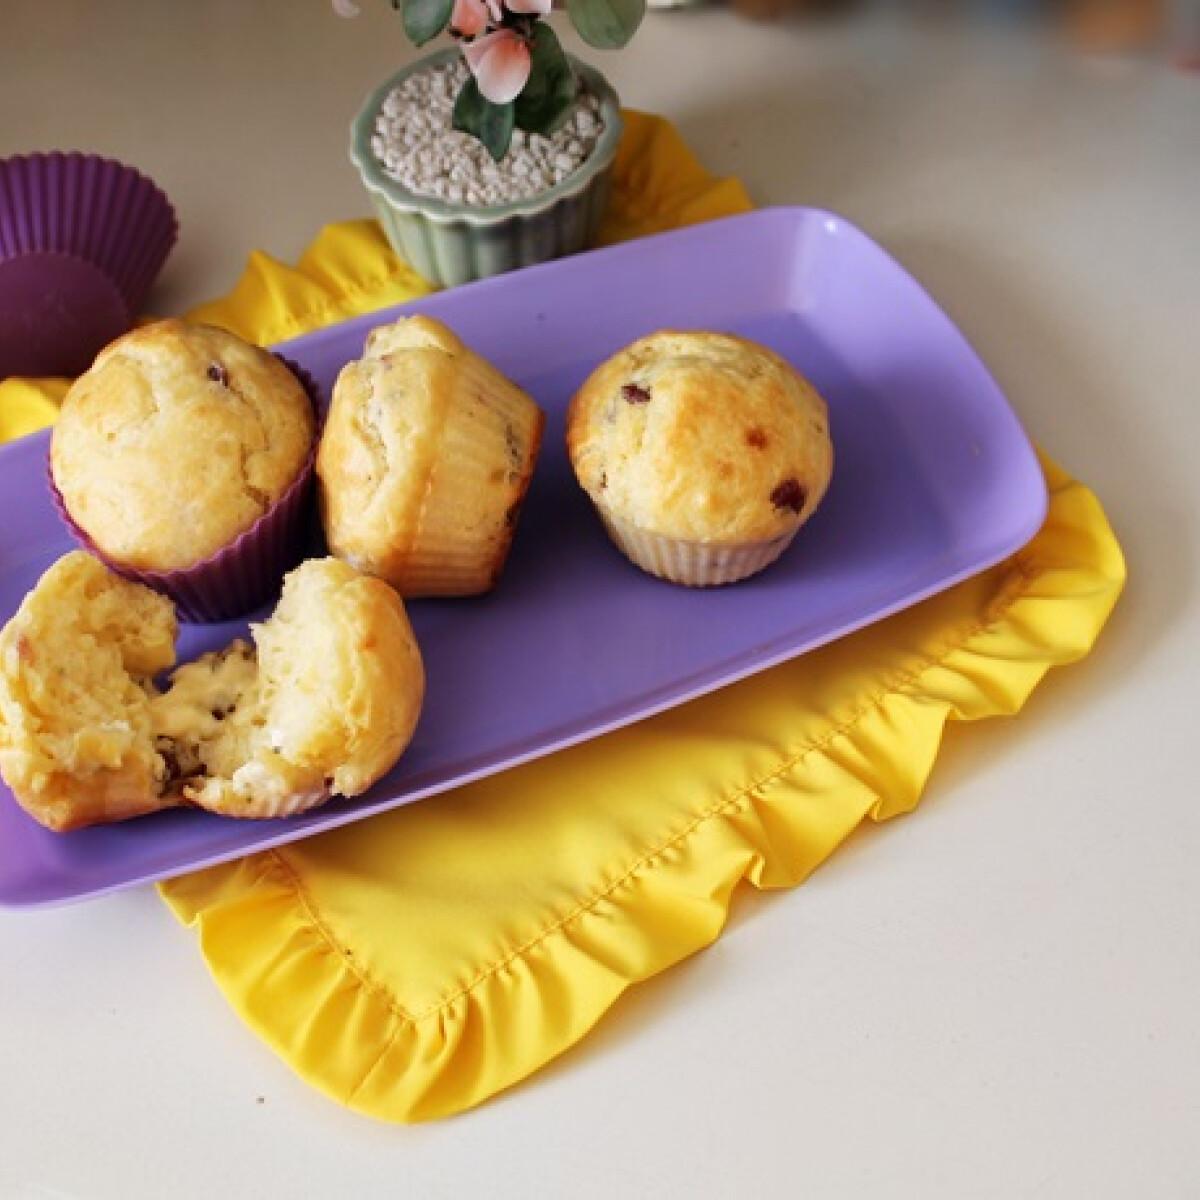 Ezen a képen: Krémsajtos-füstölthúsos muffin Iluskától